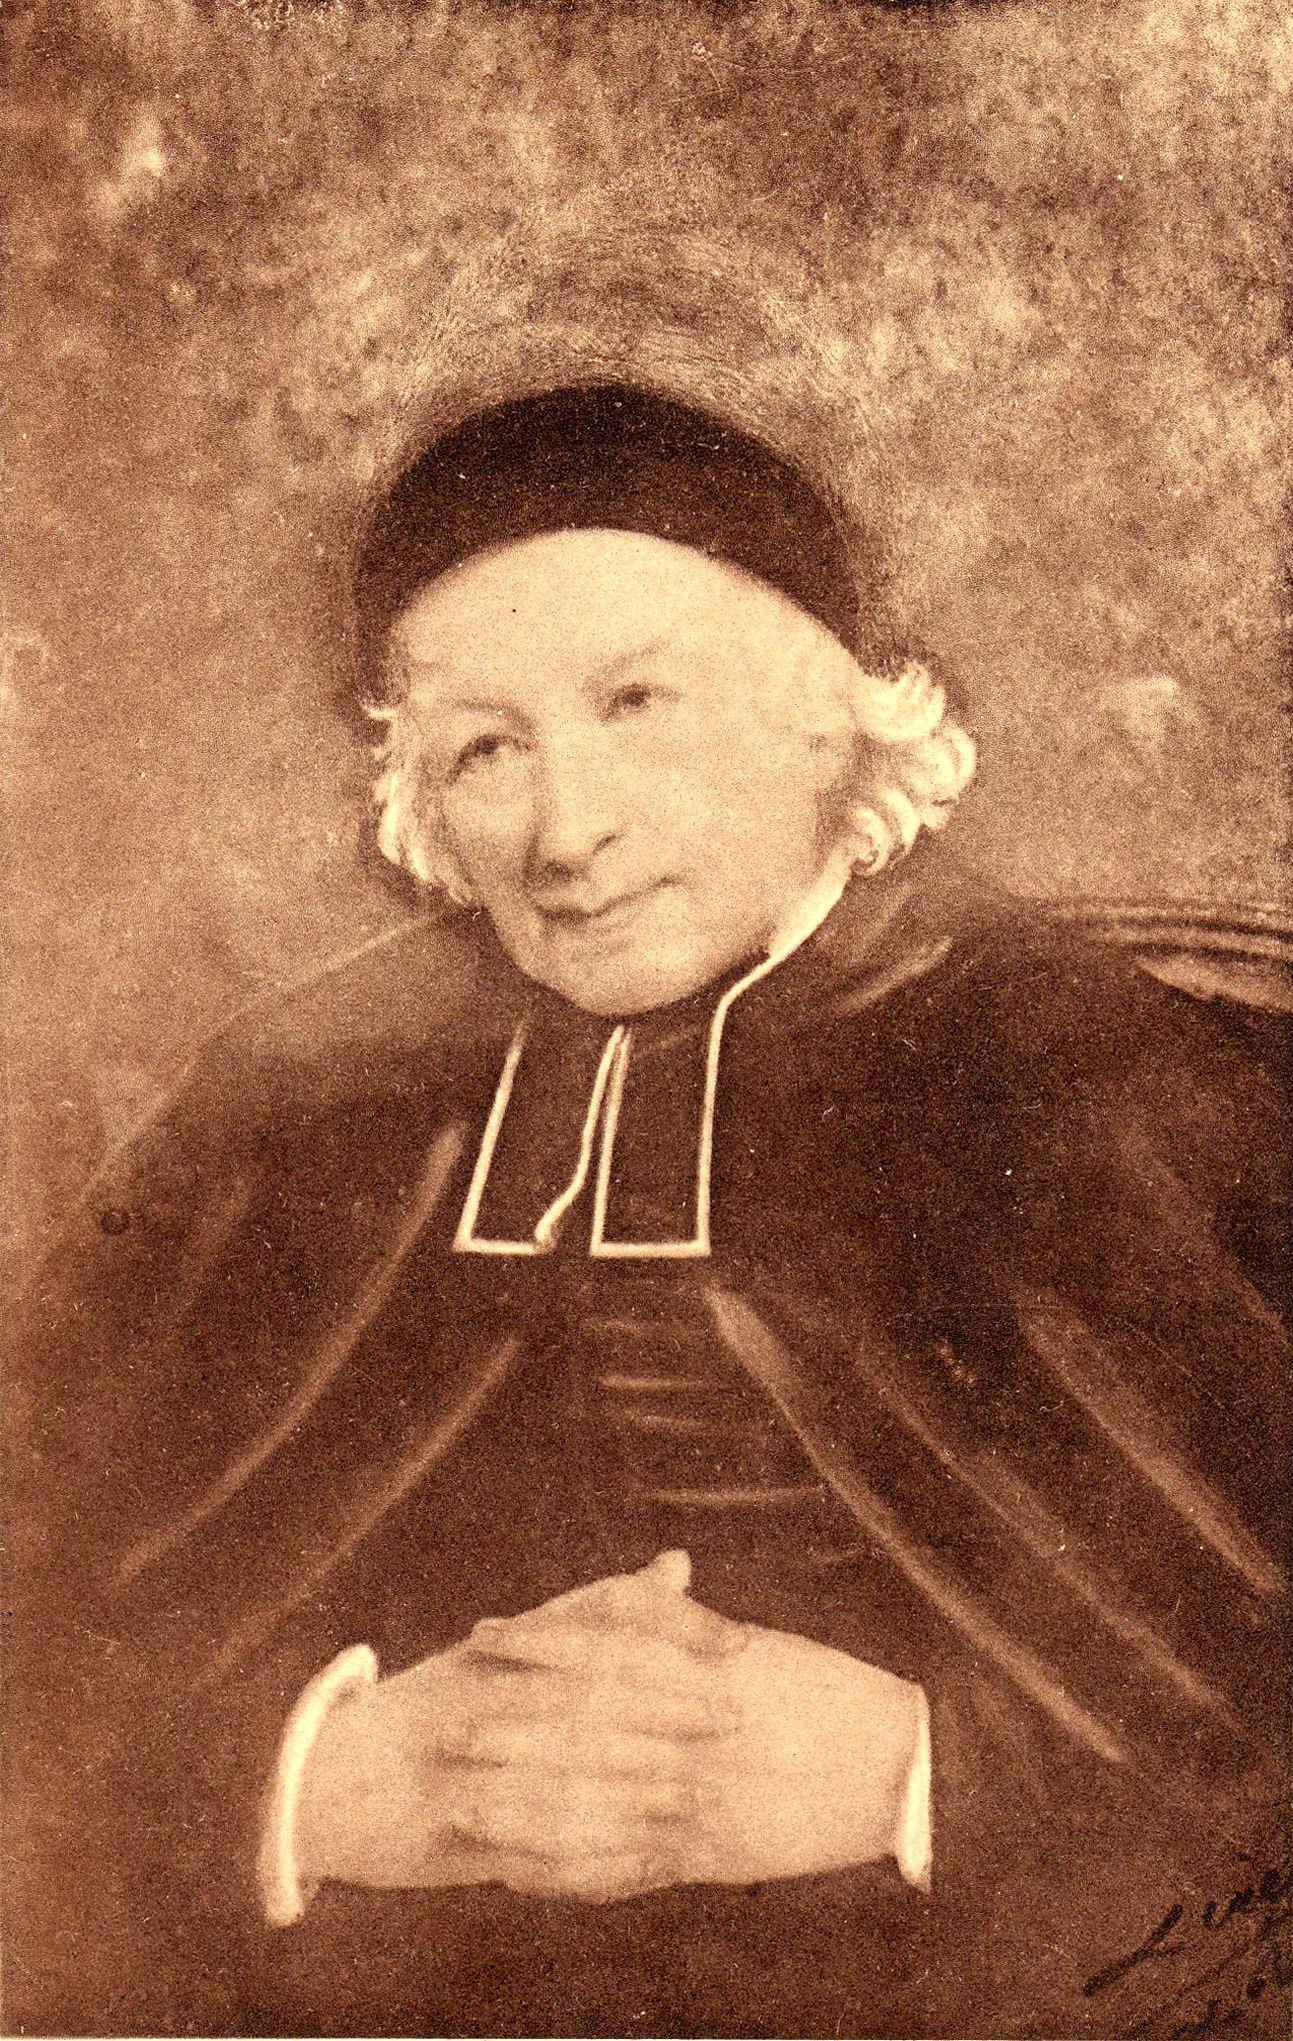 Louis-Marie Baudouin, fondateur des fils de Marie Immaculée